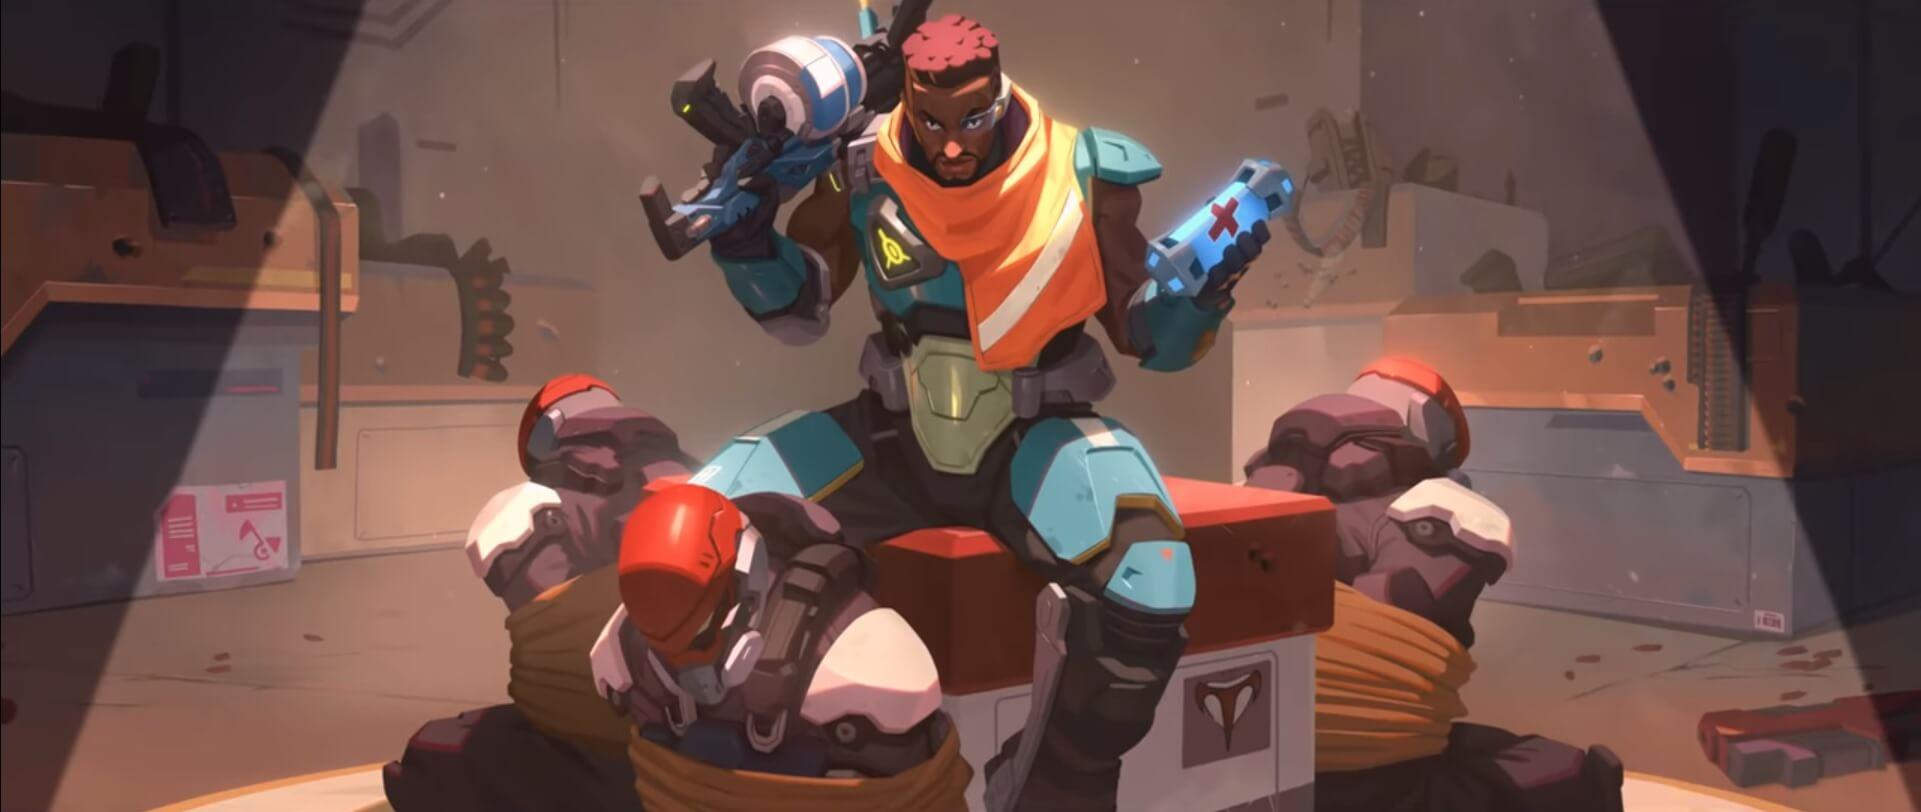 Image from Baptiste Origin Story - Blizzard